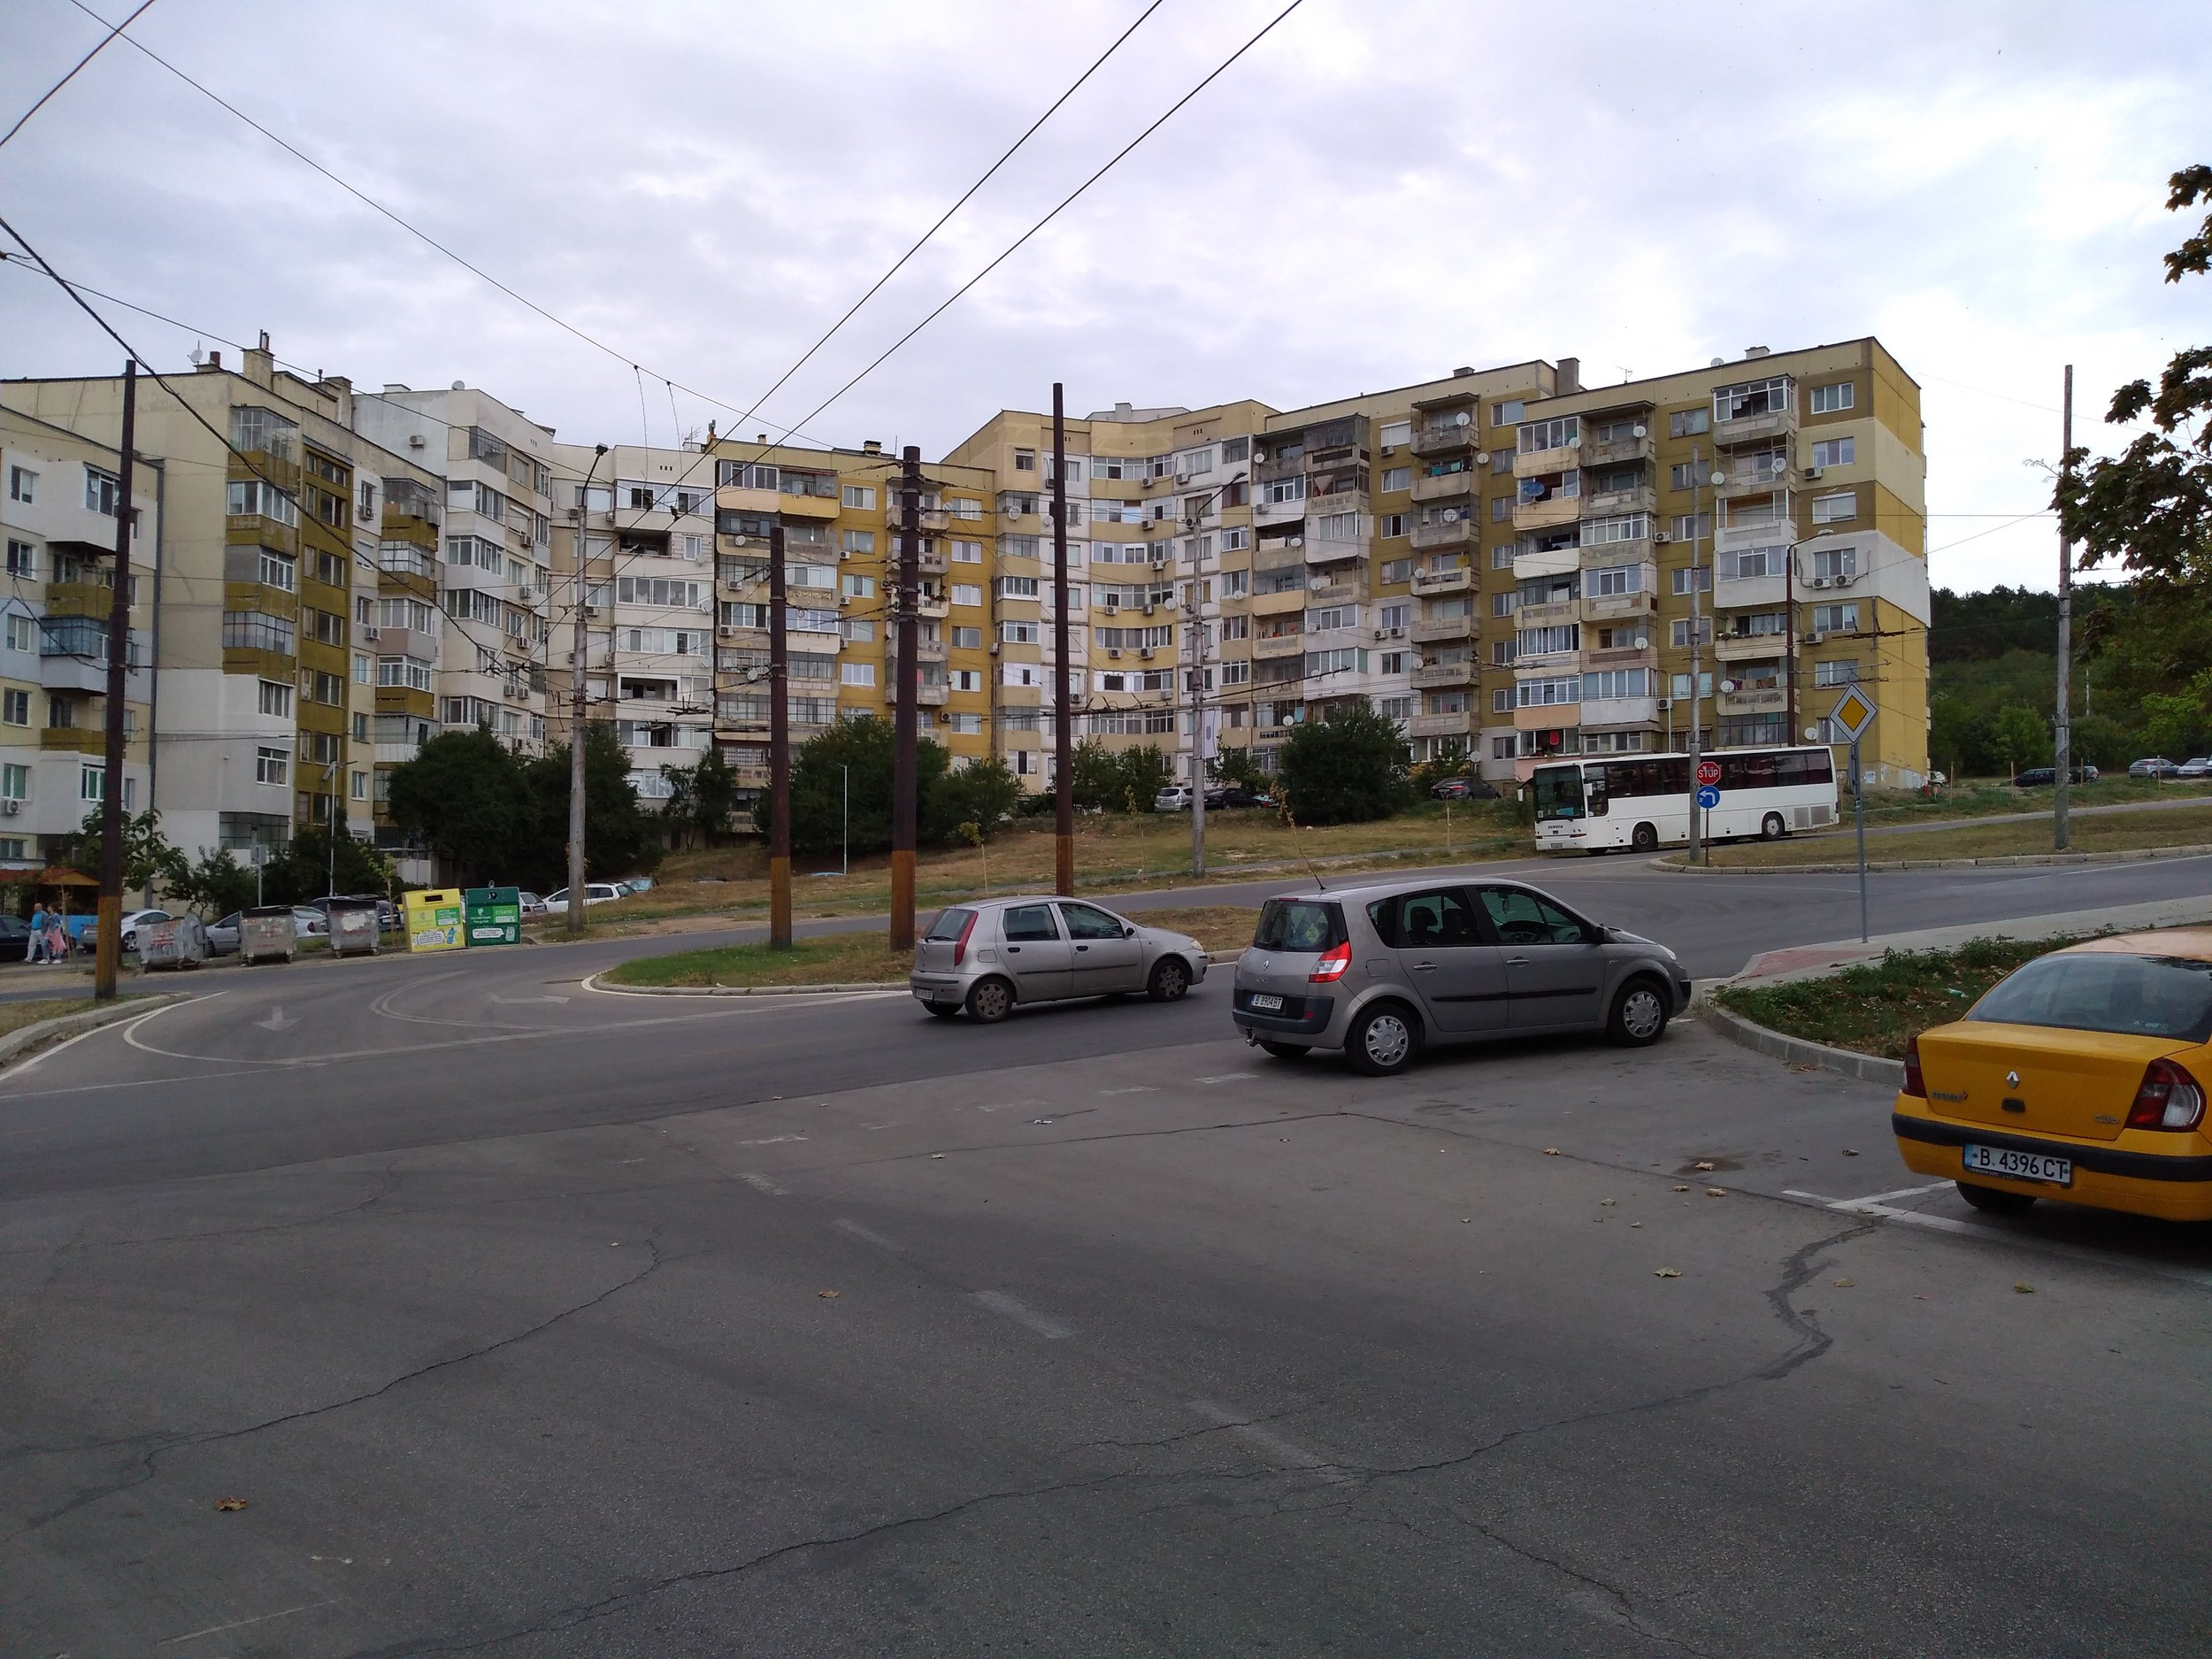 Následující snímky ukazují konečnou Vladislavovo s okolním stejnojmenným sídlištěm.